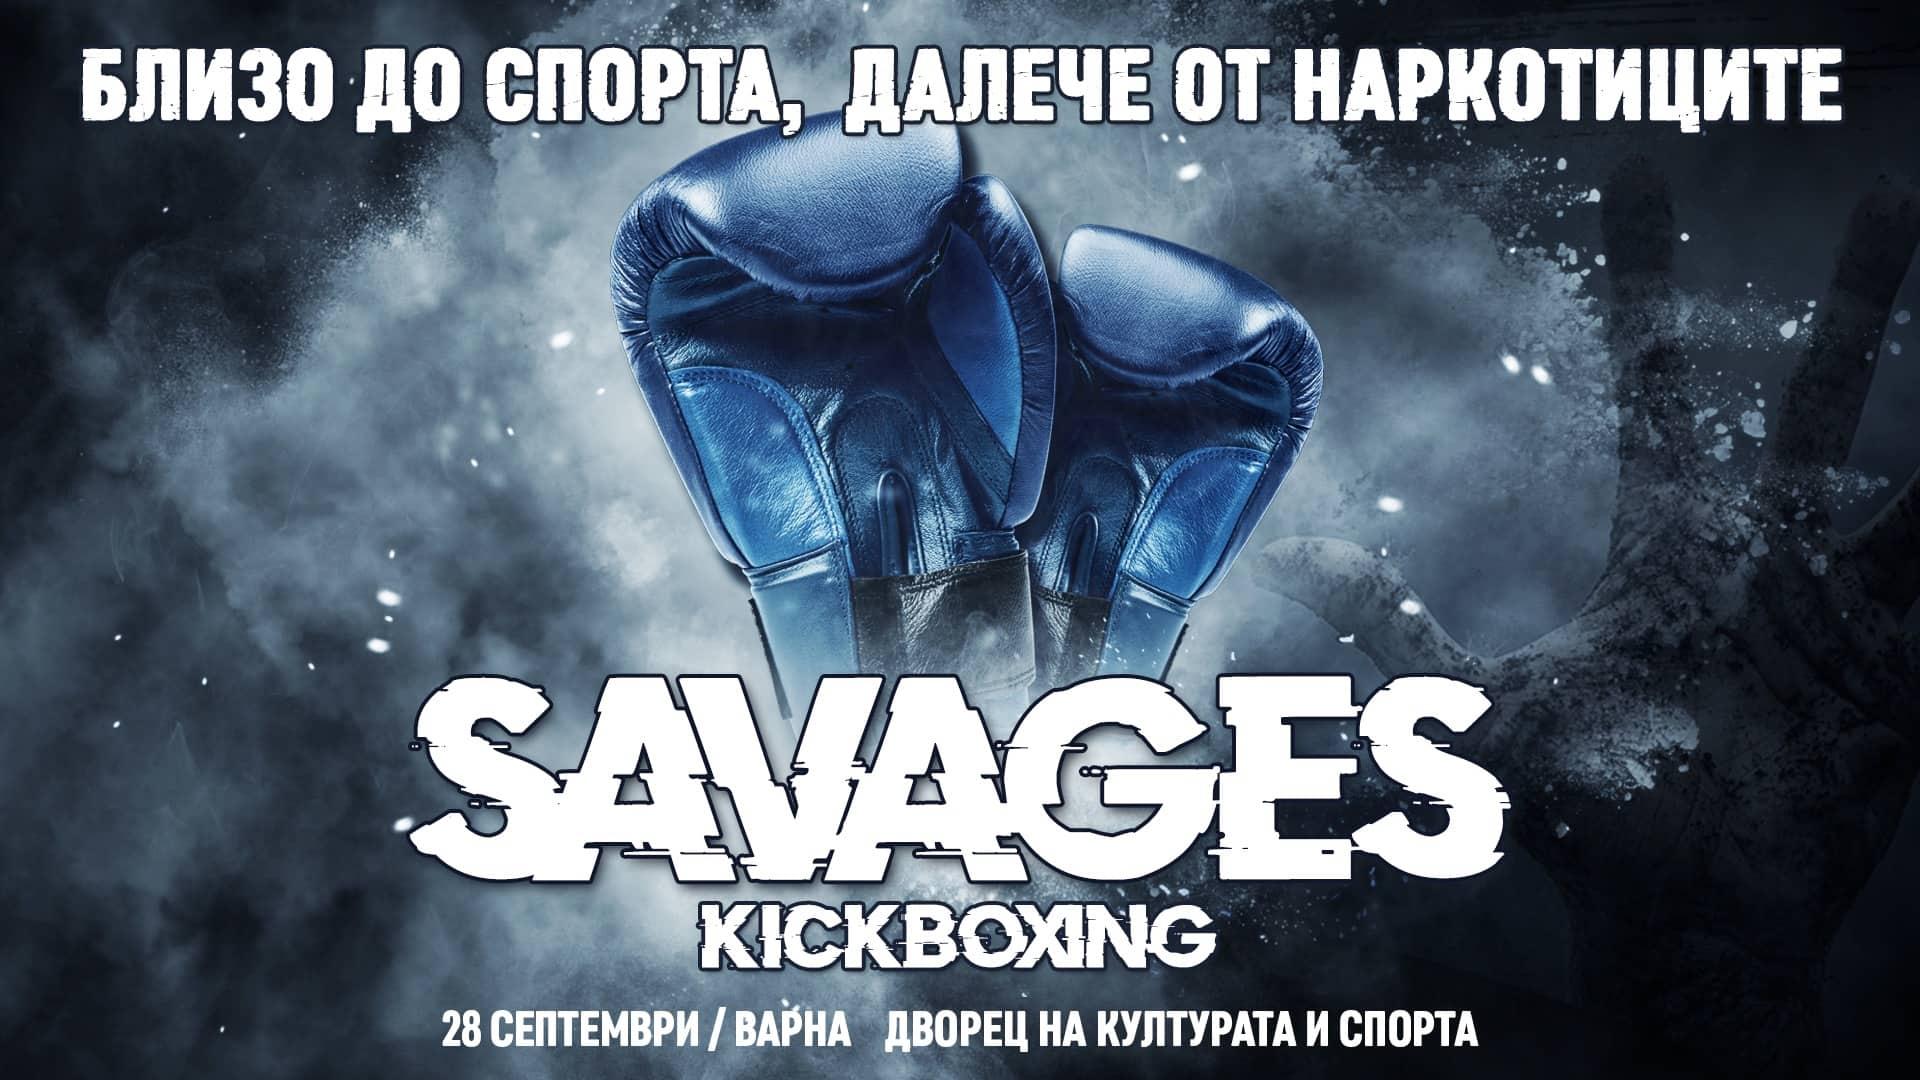 Savages Kickboxing с жест към най-малките